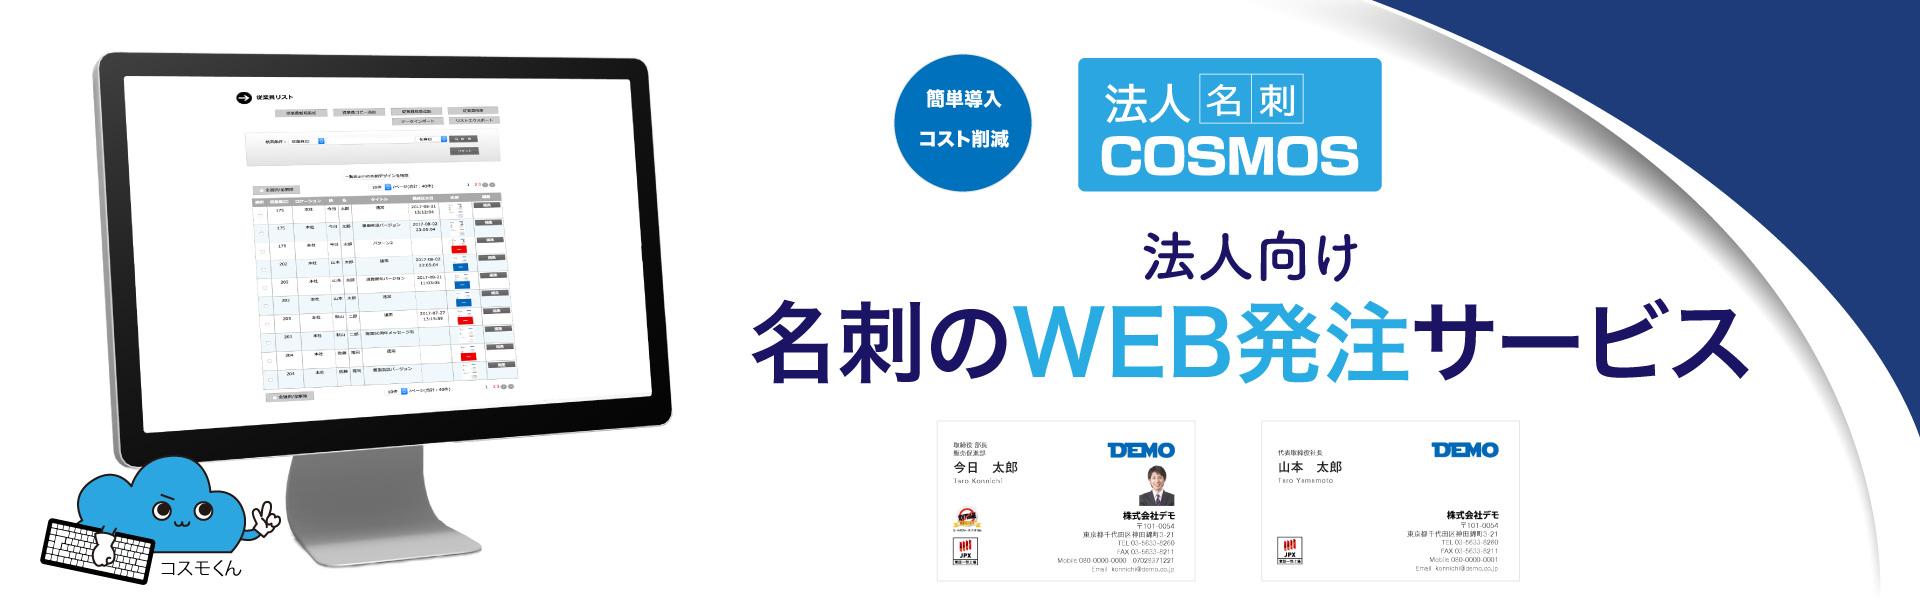 cosmos_design_01-1